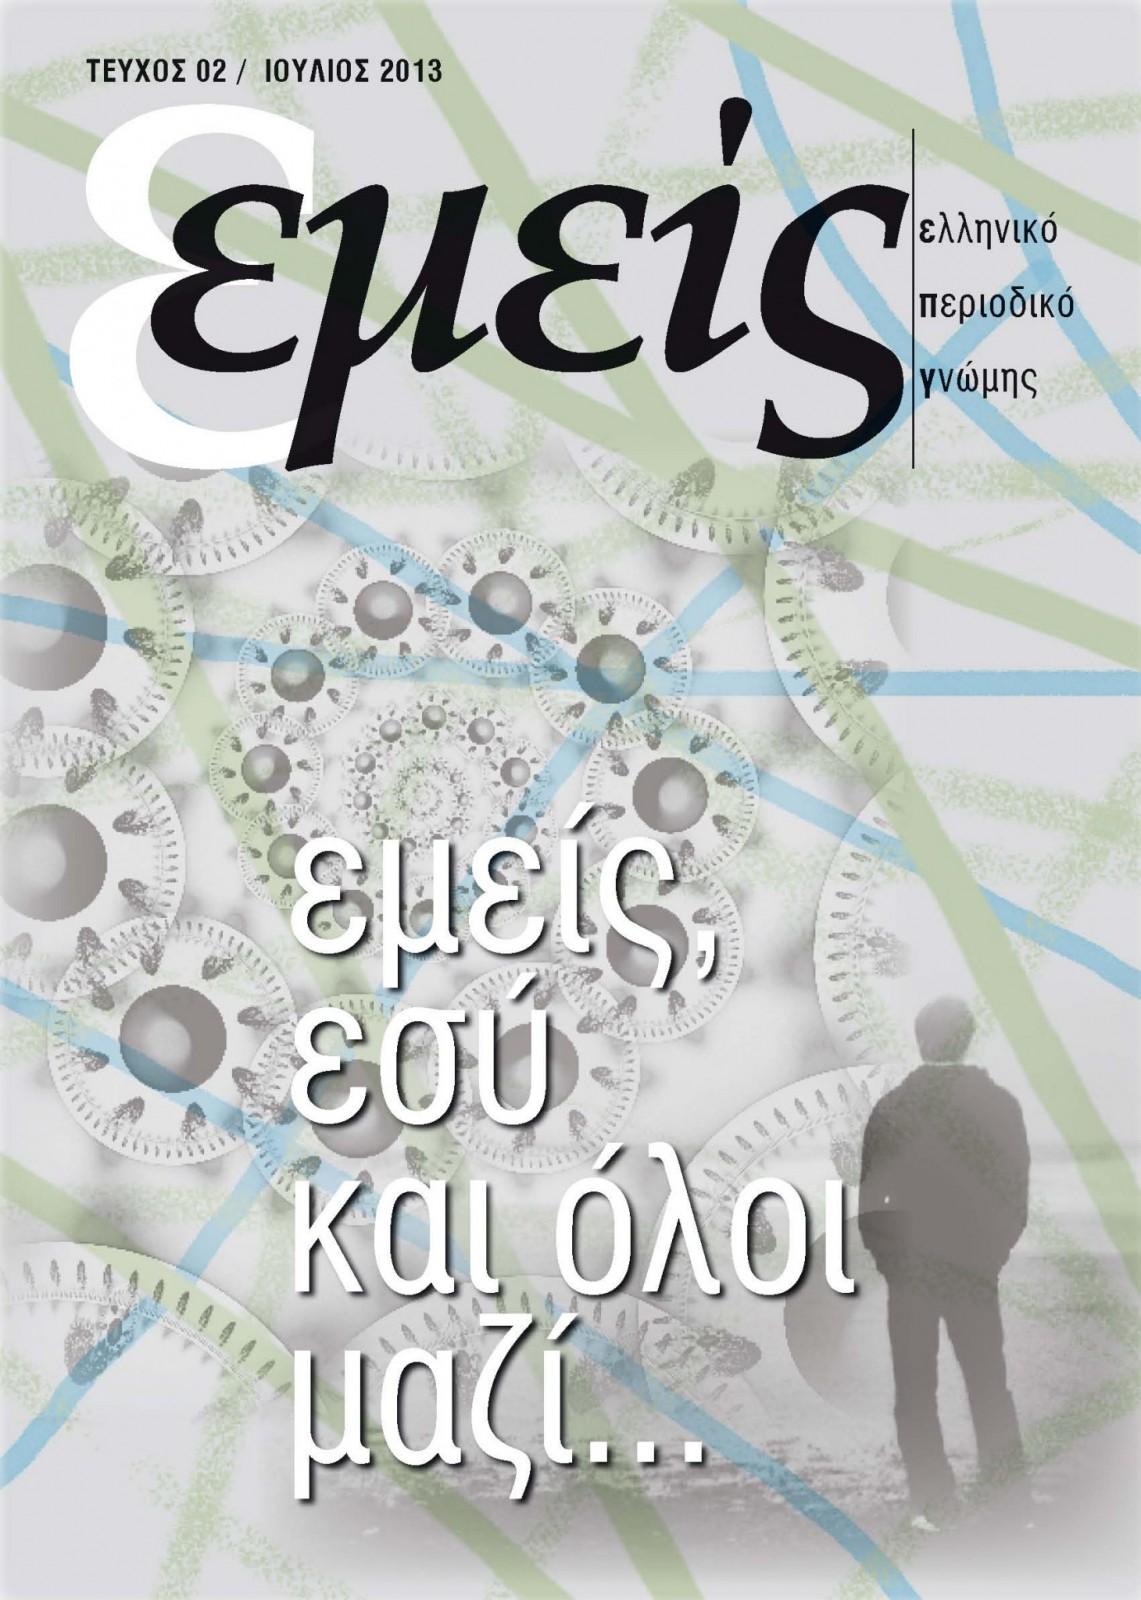 EMEIS - TEYXOS 2 - IOYLIOS_Page_01